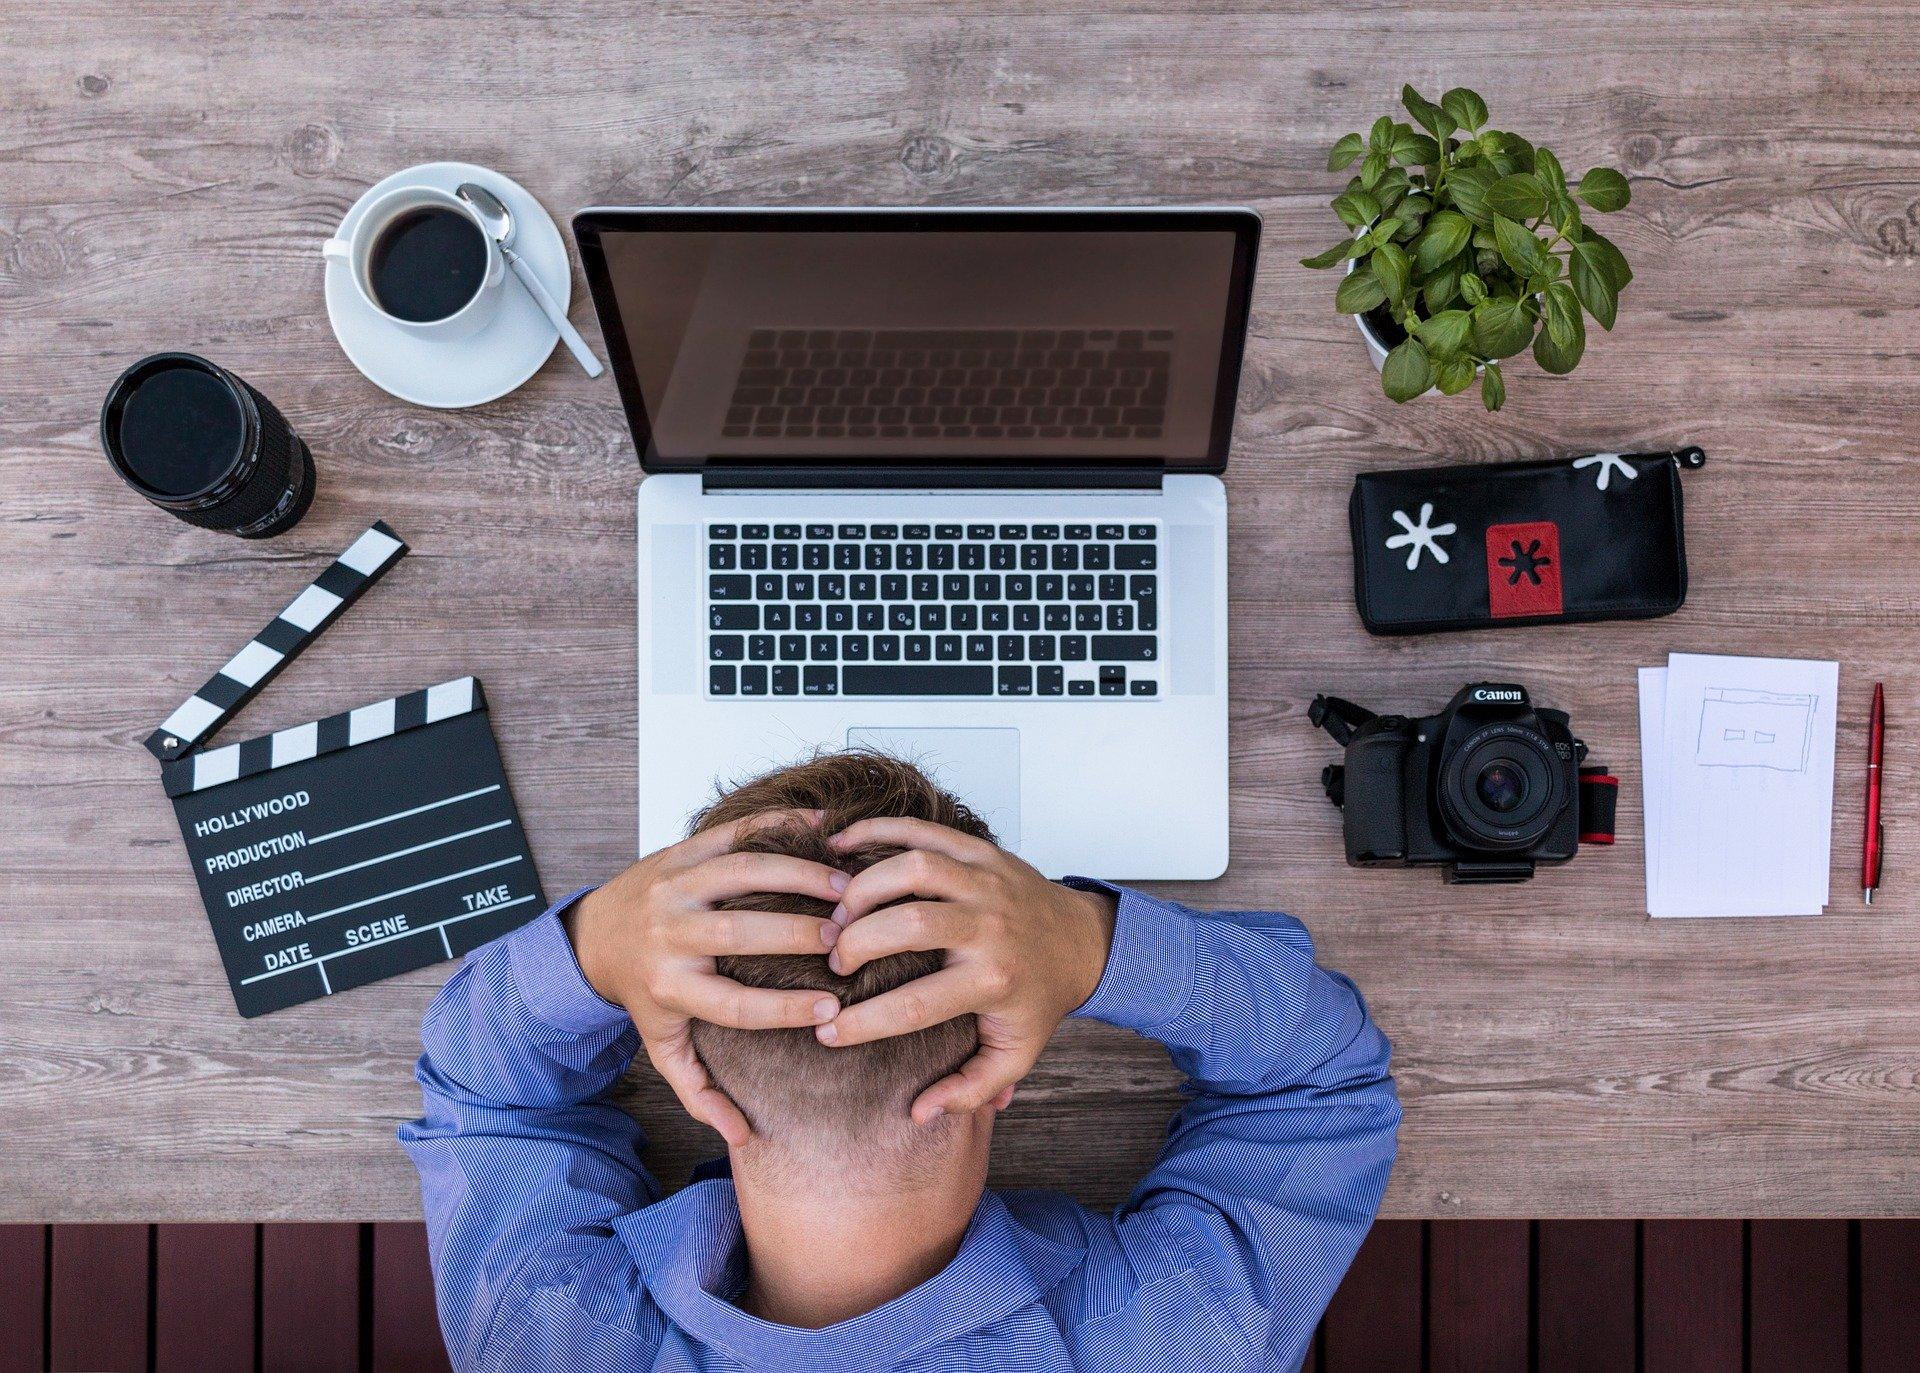 Para a produção de seus primeiros conteúdos, vale contar com ajuda profissional